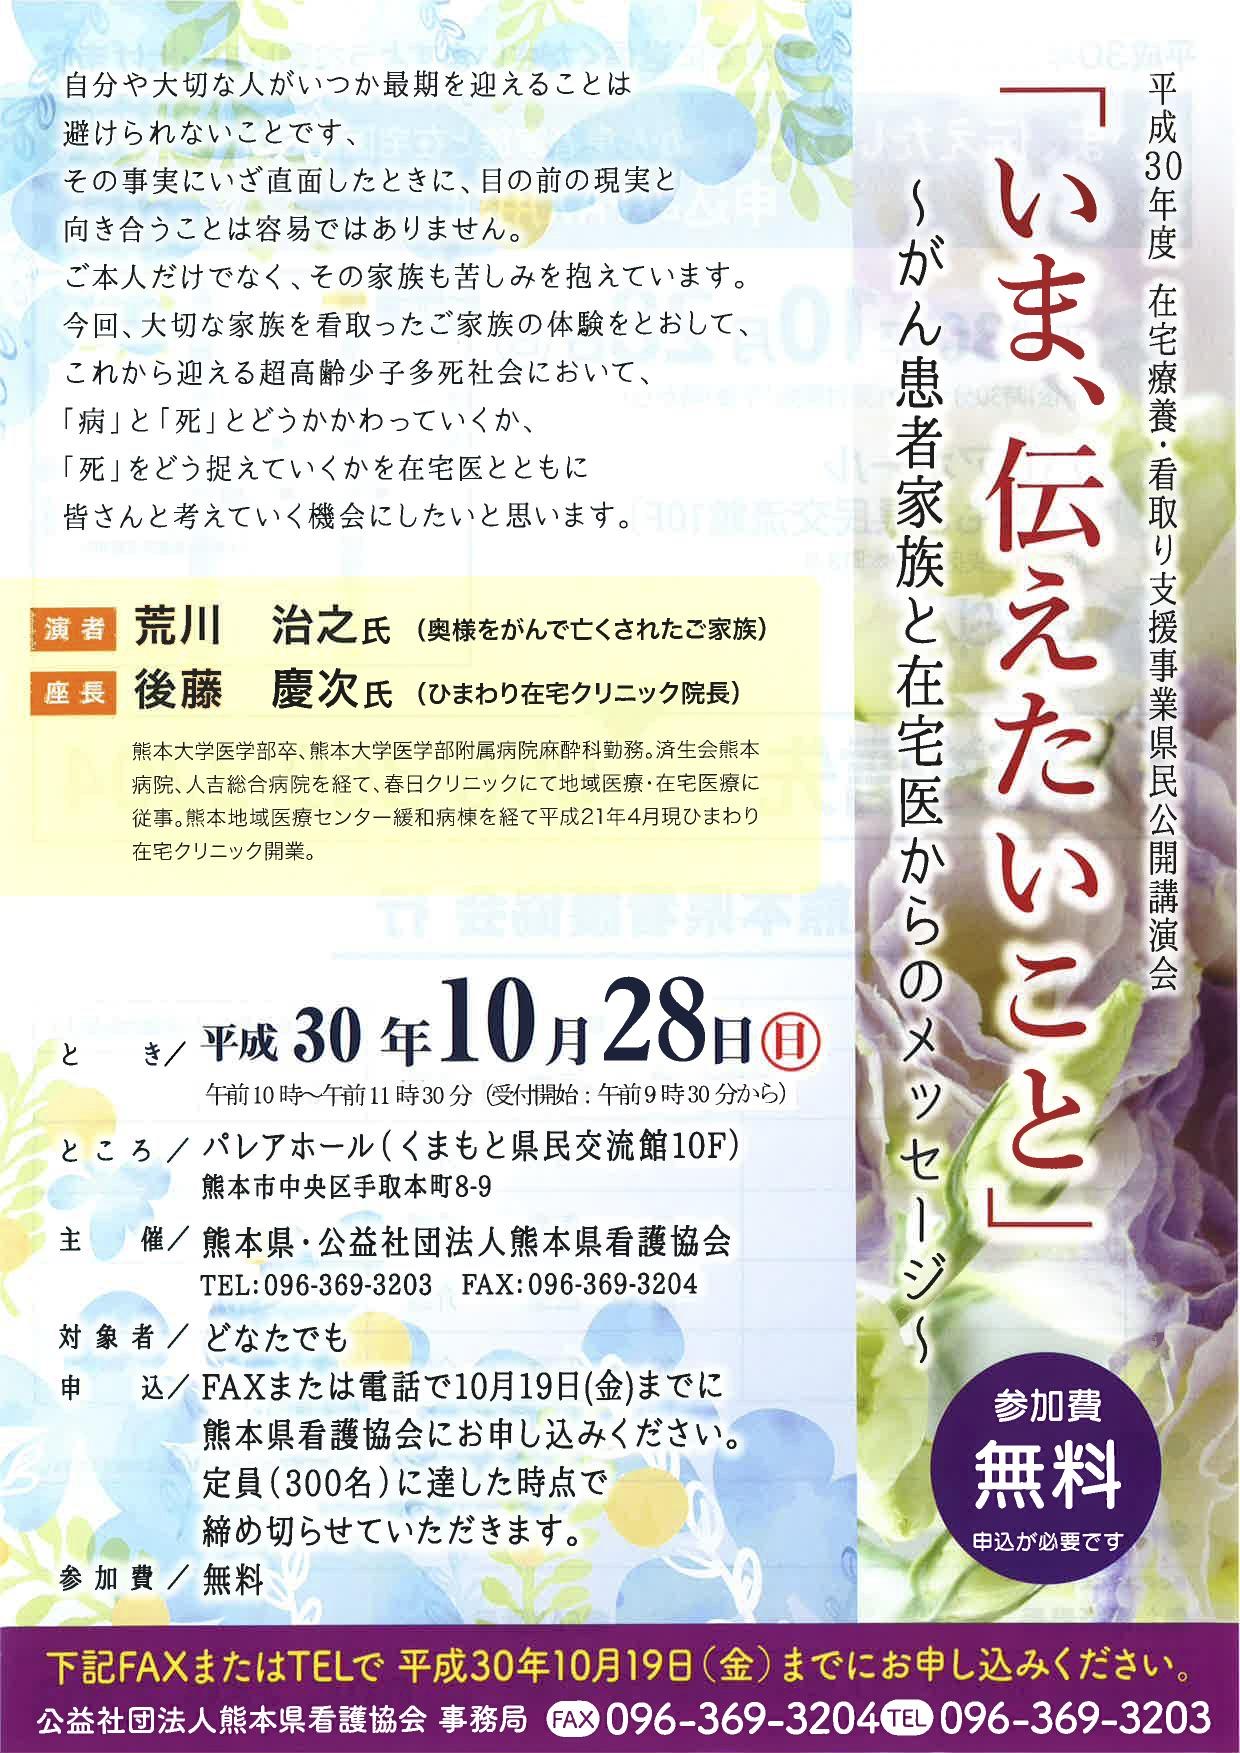 熊本県看護協会からのお知らせ